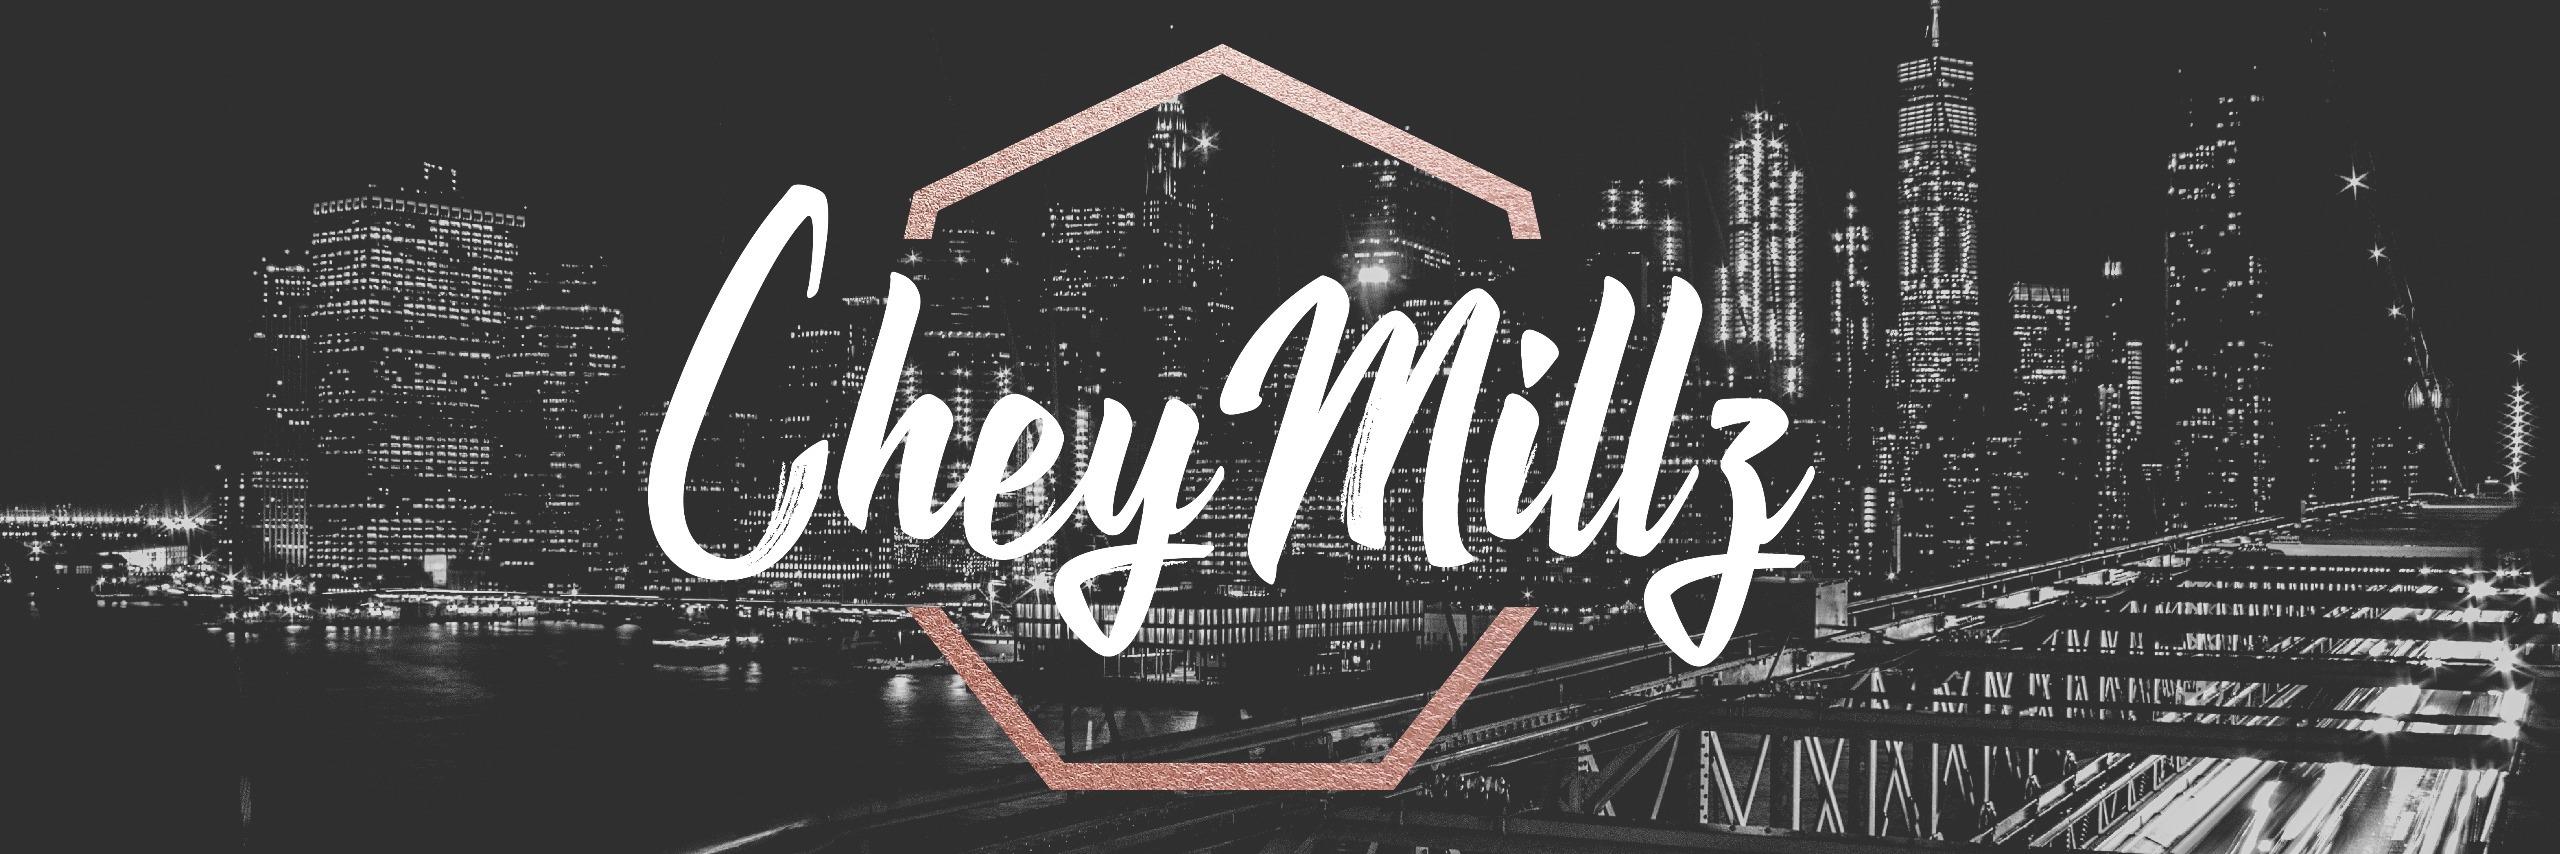 Cheyenne Skyy (@cheymillz) Cover Image